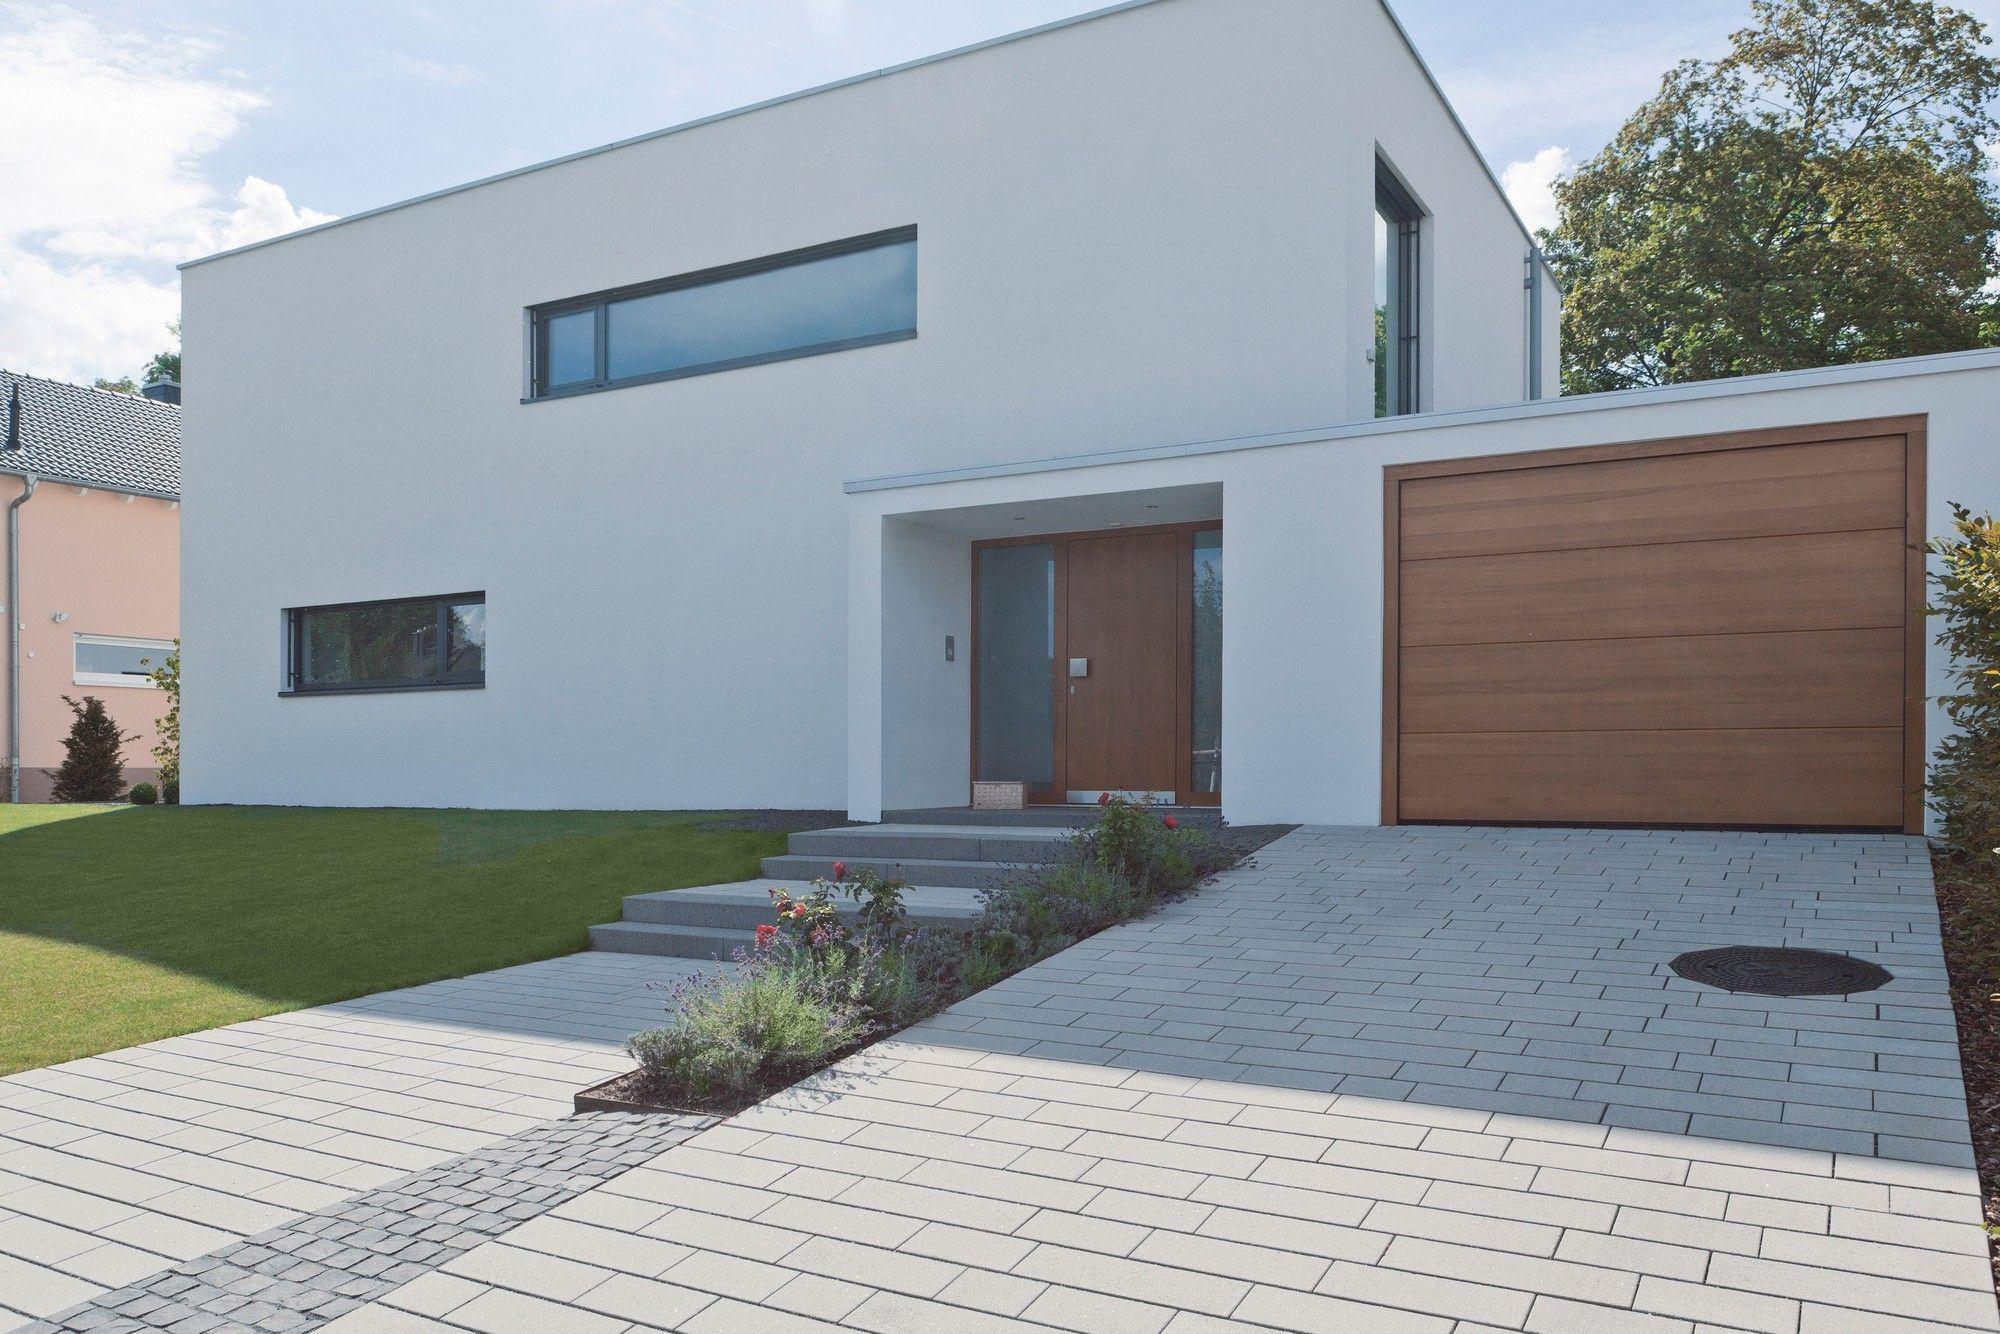 Das Klare Design Des Hauses Spiegelt Sich Auch Im Belag Wieder. Unser  Öko Pflaster